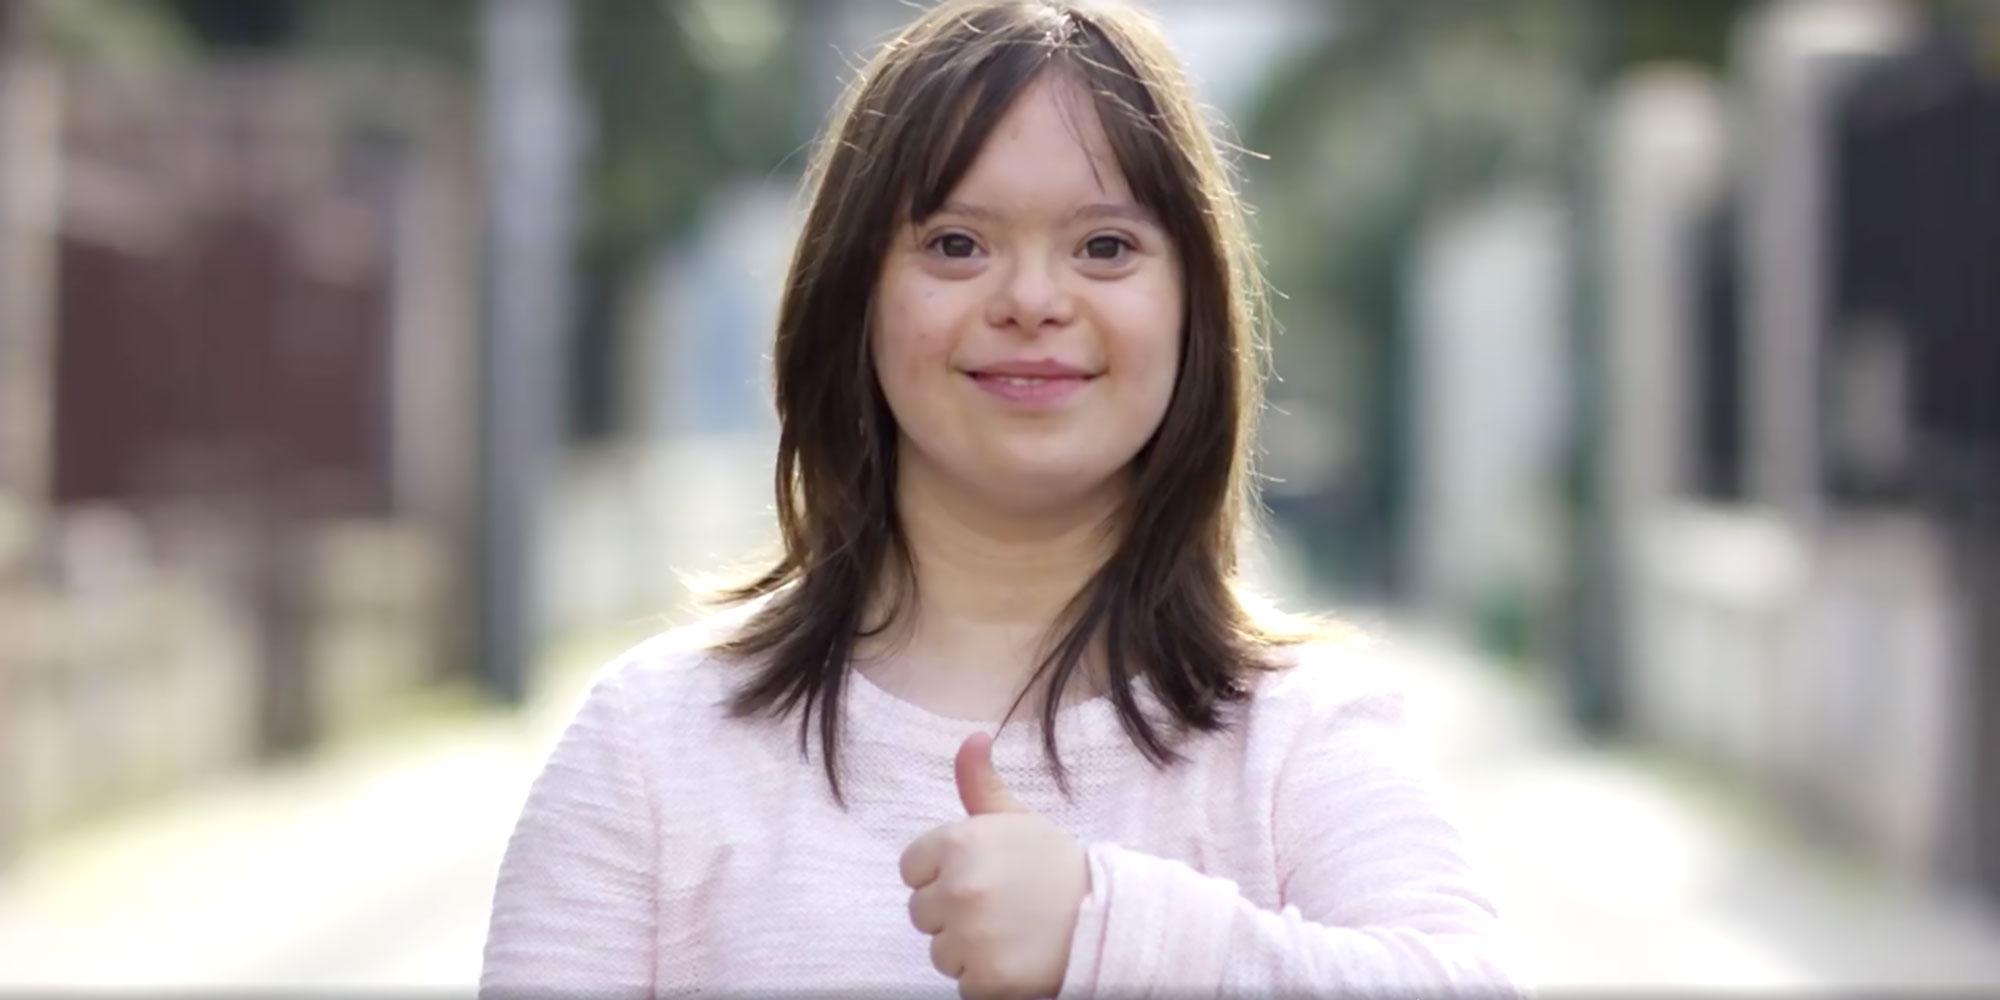 Esta chica es la primera presentadora Sindrome de Down